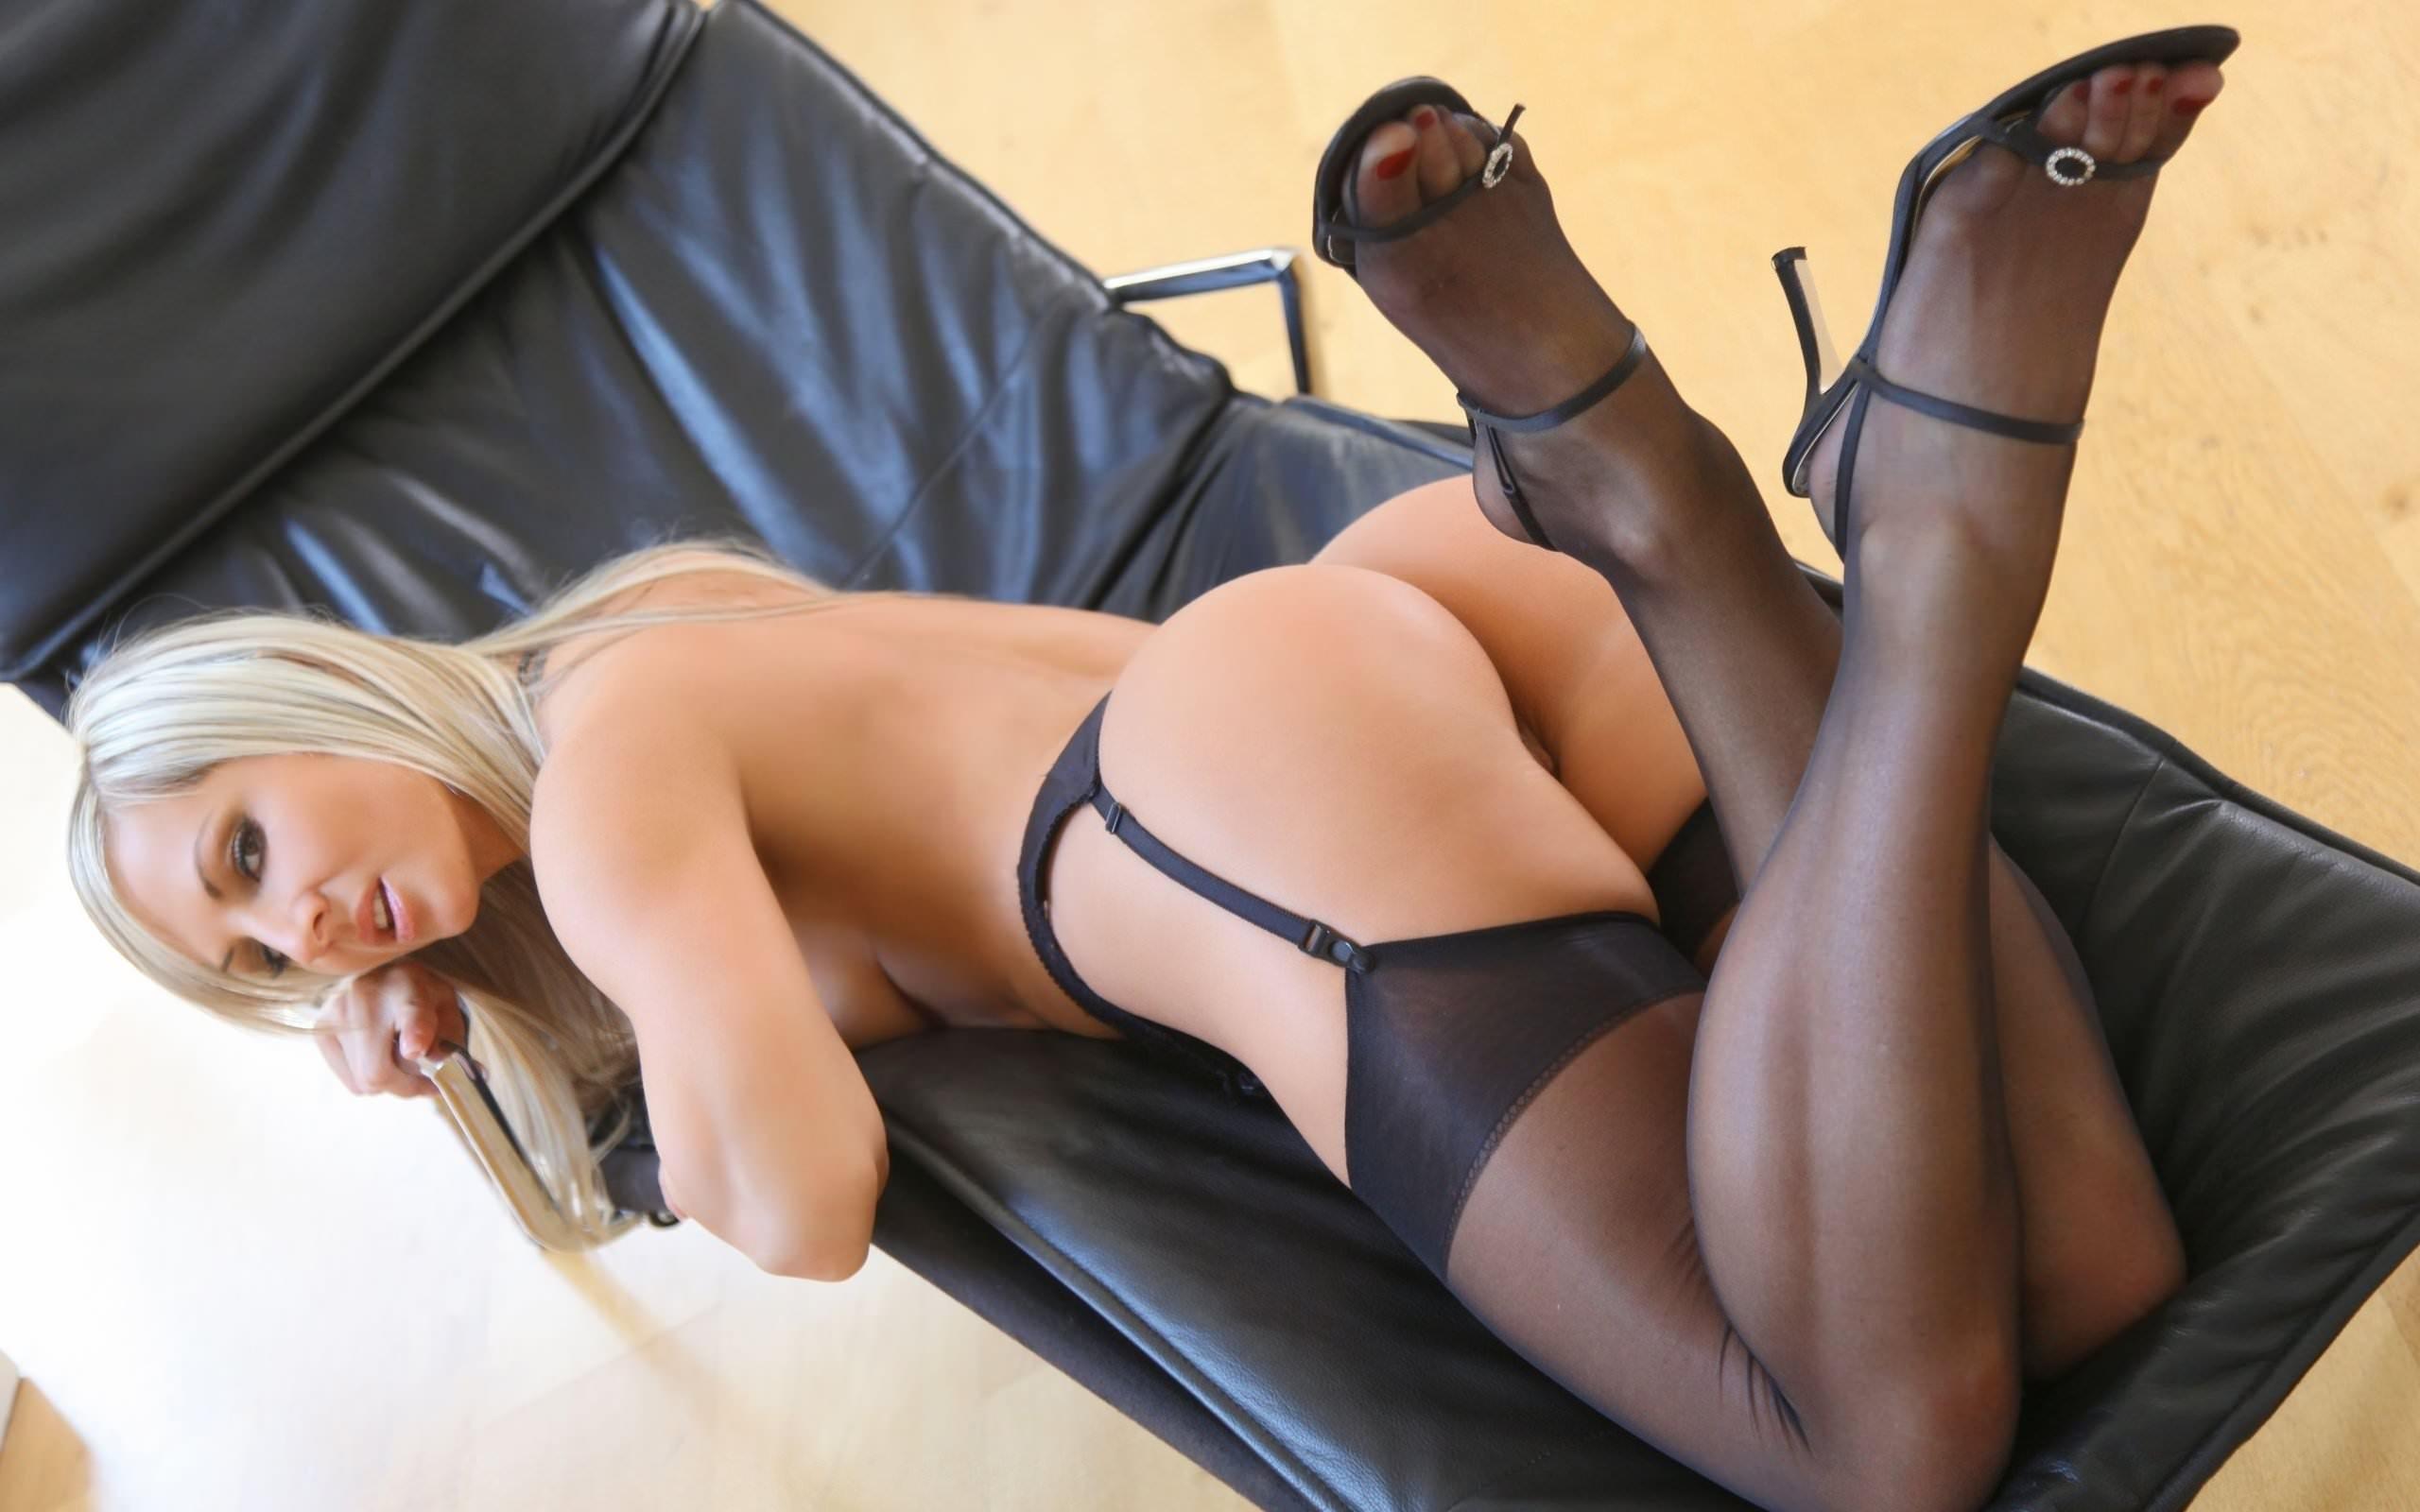 Фото Блондинка в черных чулках на подвязках, голая сочная попка, девушка на черном кресле. Black stockings, blonde on a black chair, ass, legs, suspenders, скачать картинку бесплатно